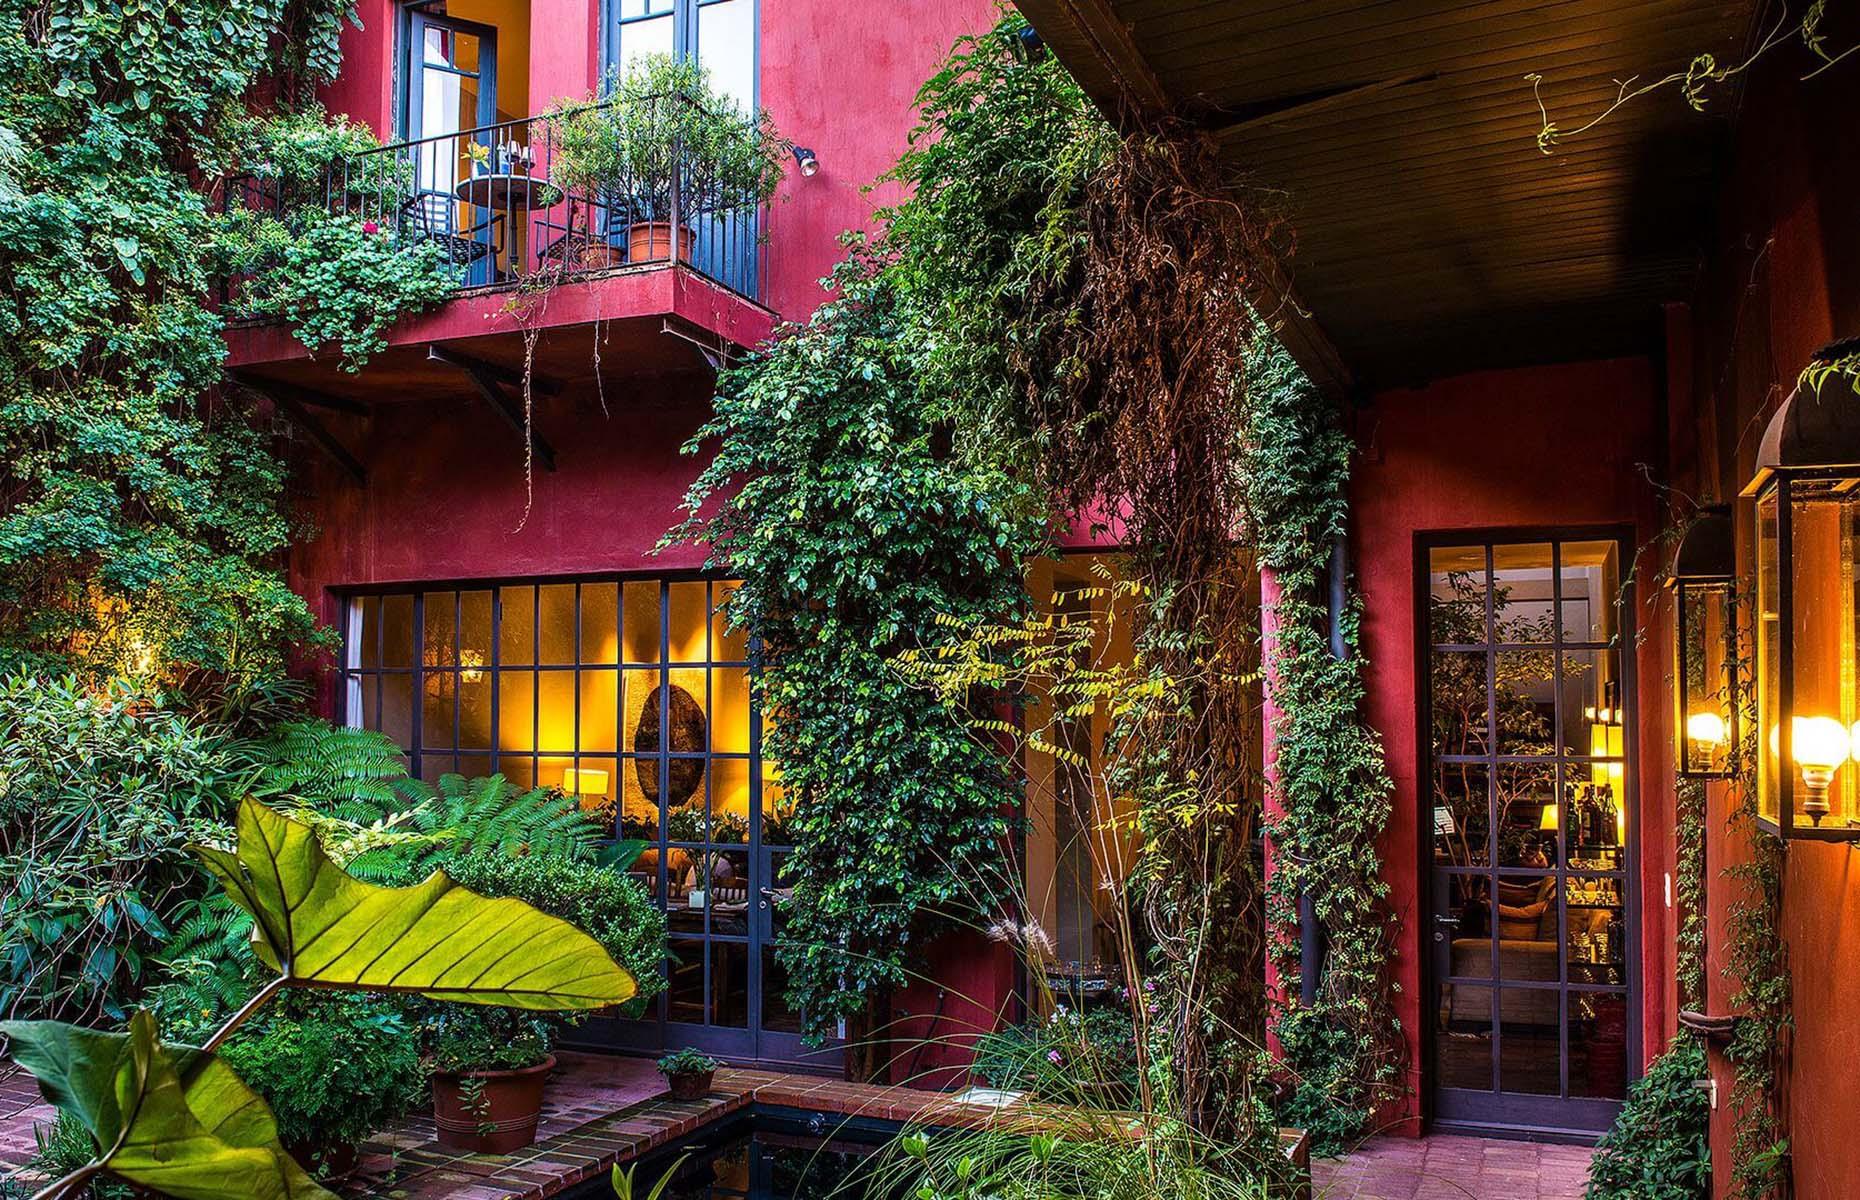 Jardin Escondido hotel